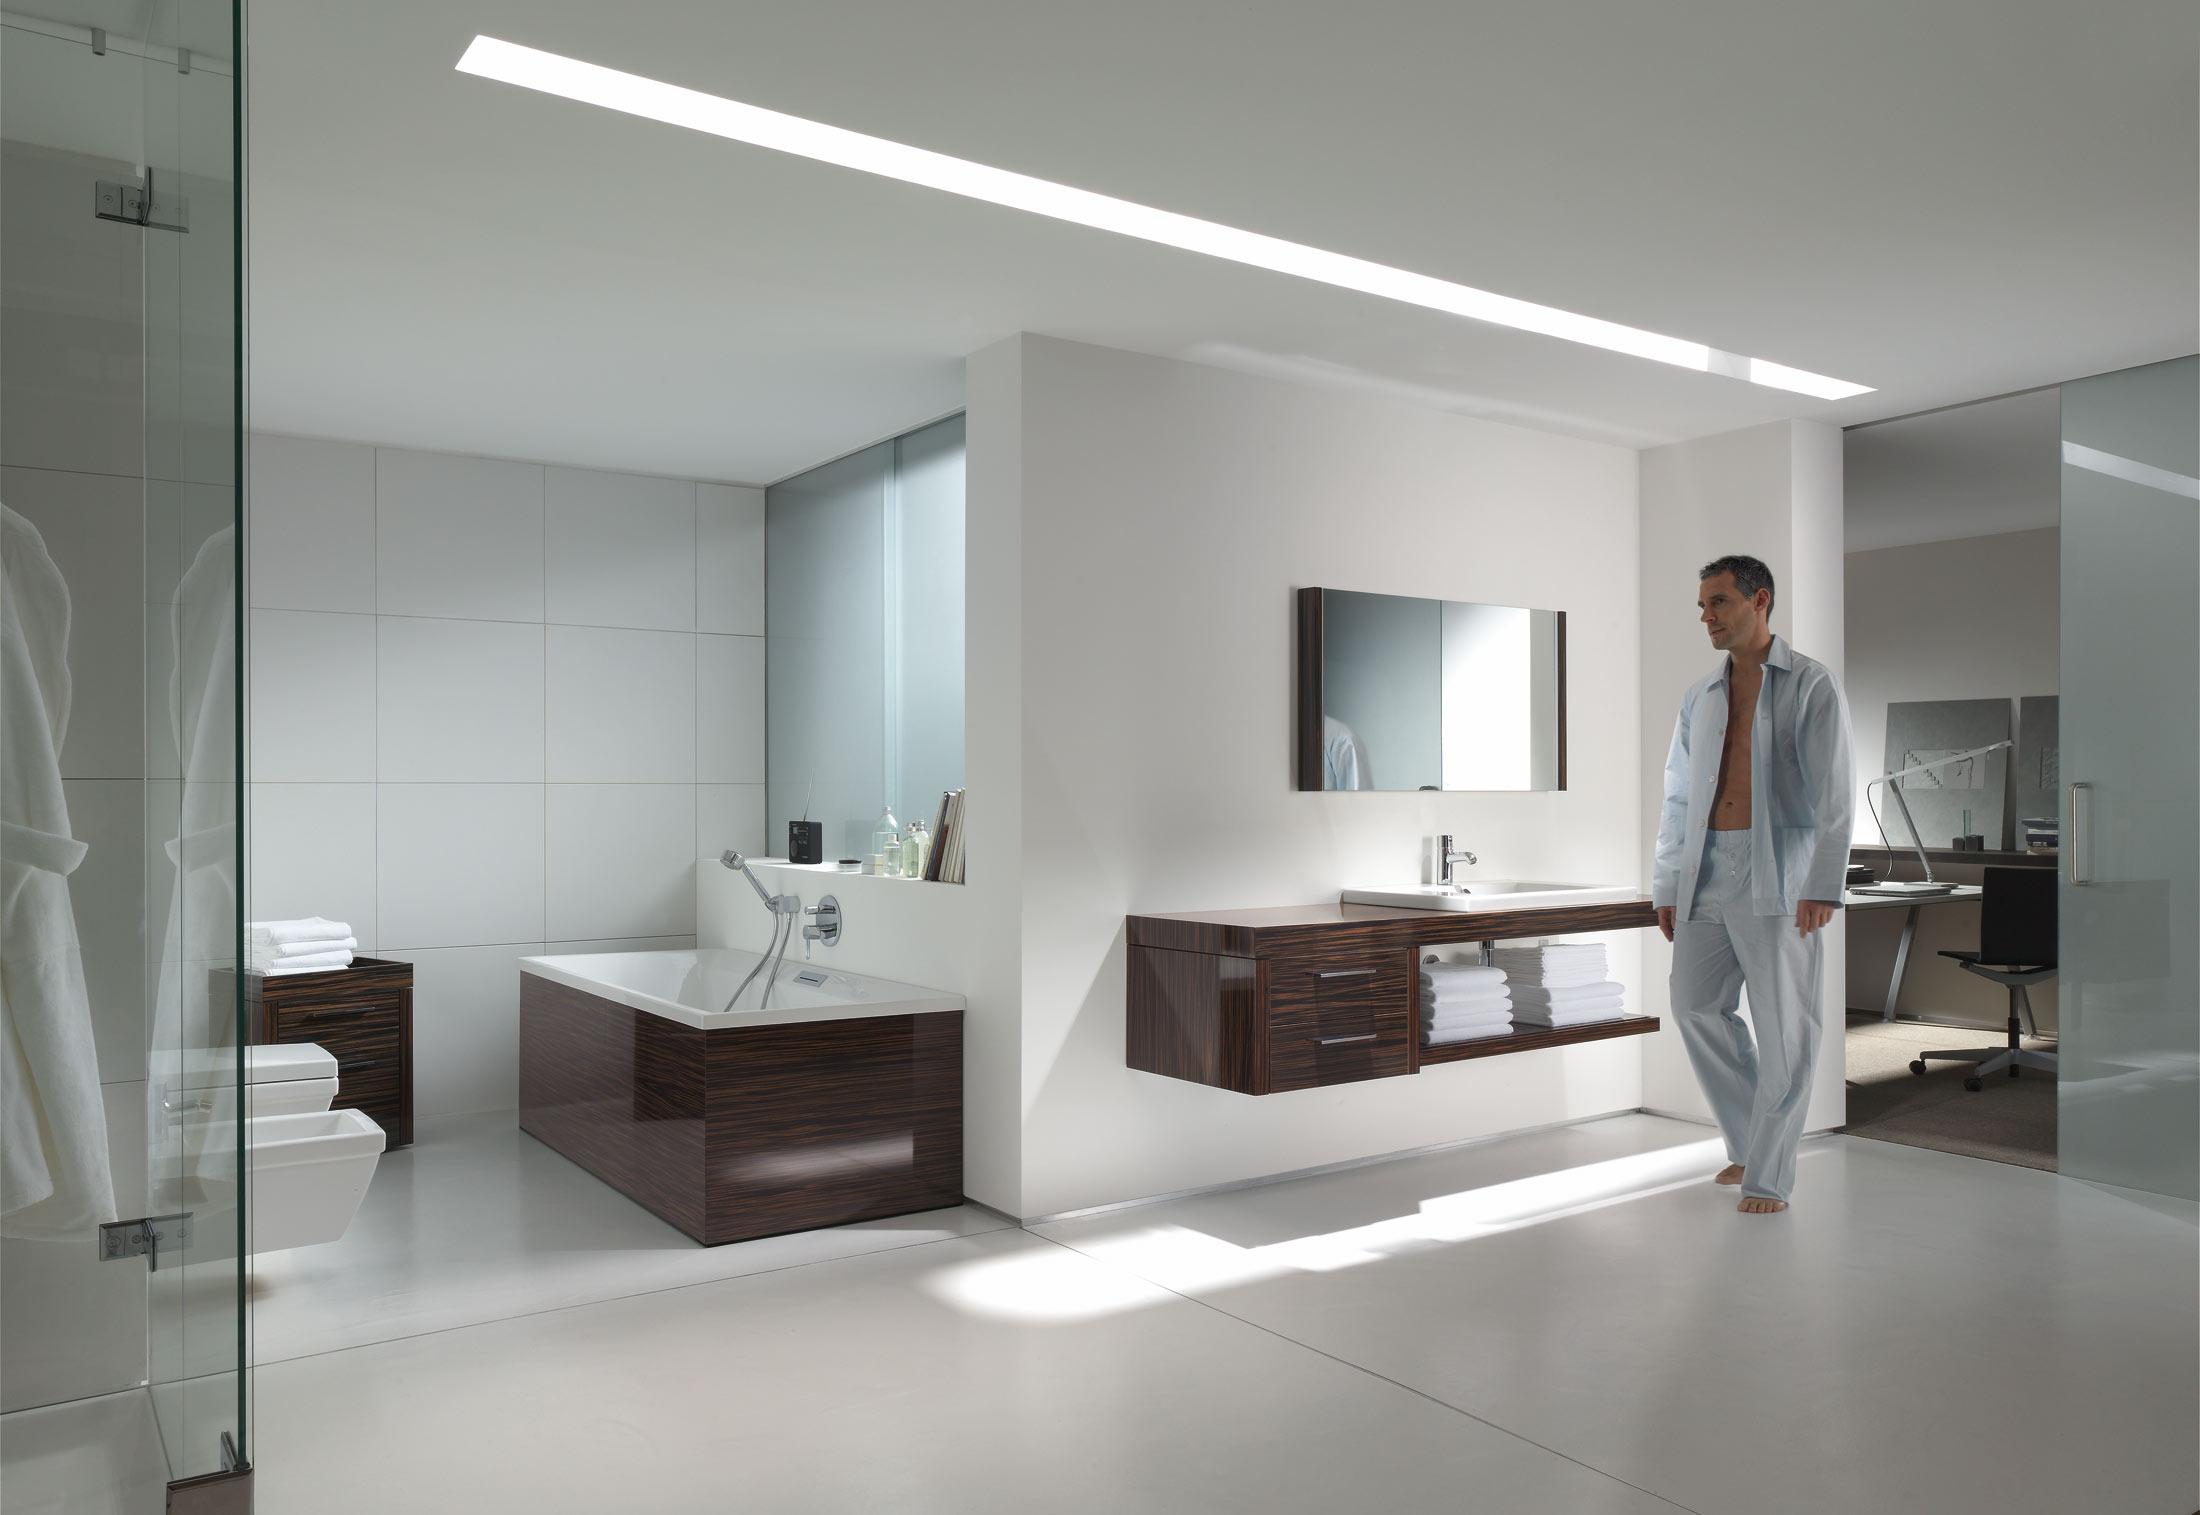 2nd floor wanne einbauversion von duravit stylepark. Black Bedroom Furniture Sets. Home Design Ideas